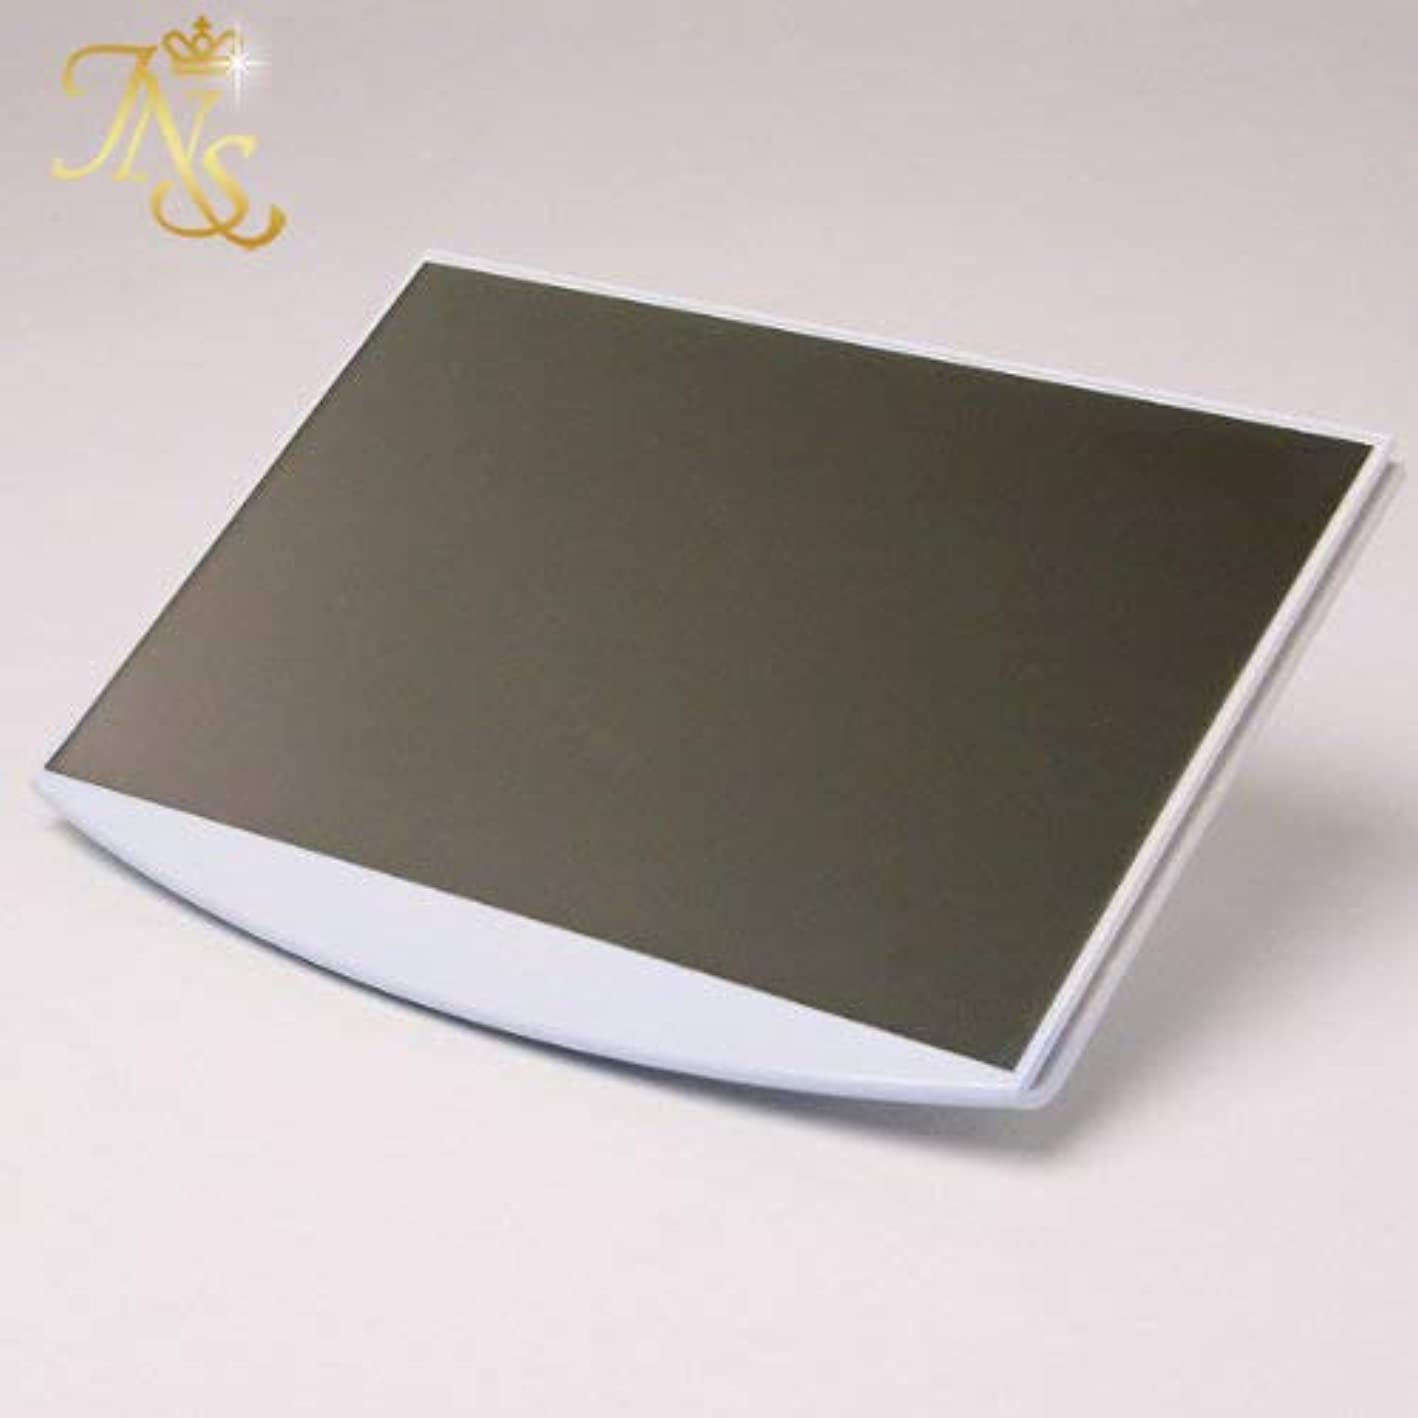 刈り取る除外する薬用LEDライト ジェルネイル デジタルプロLED7交換用底板